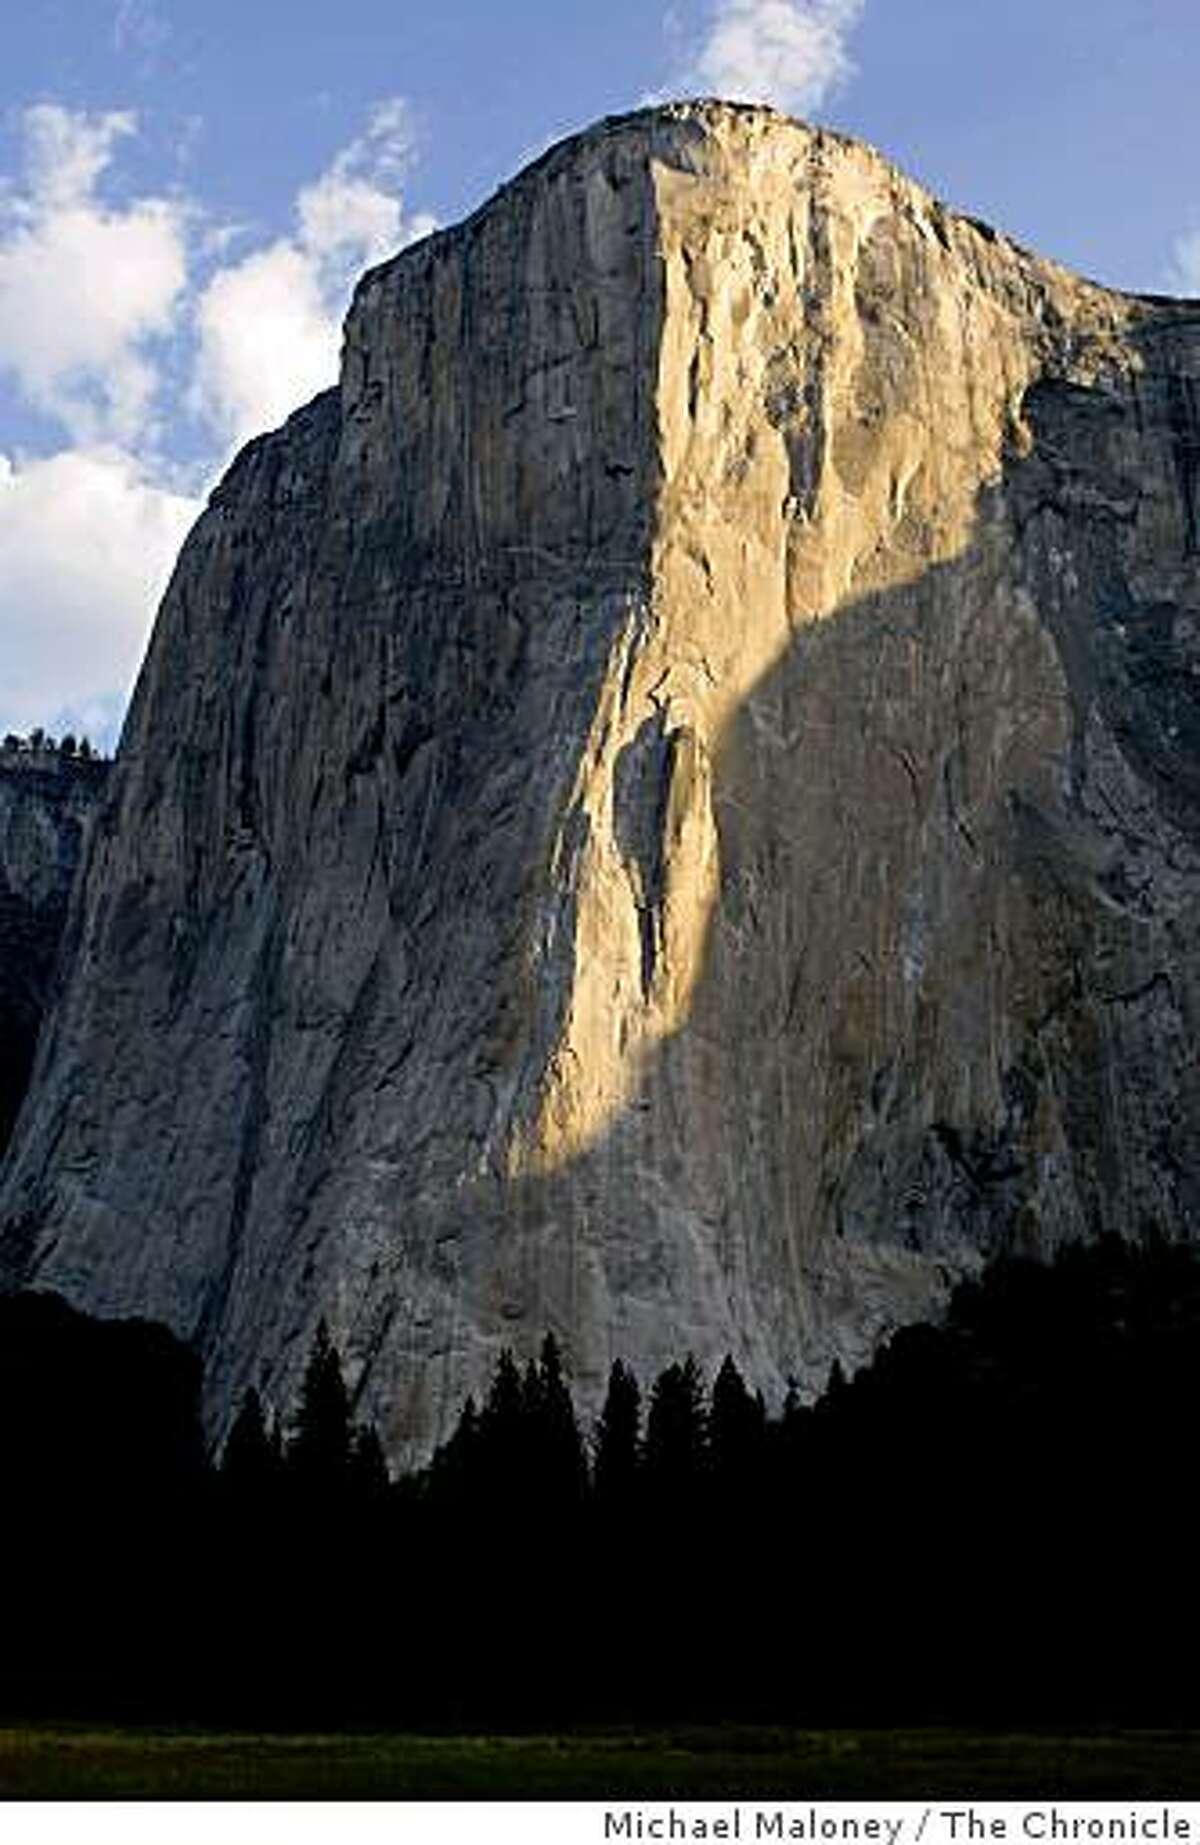 El Capitan, Yosemite in morning light, Calif. Photo taken on August 17, 2008.